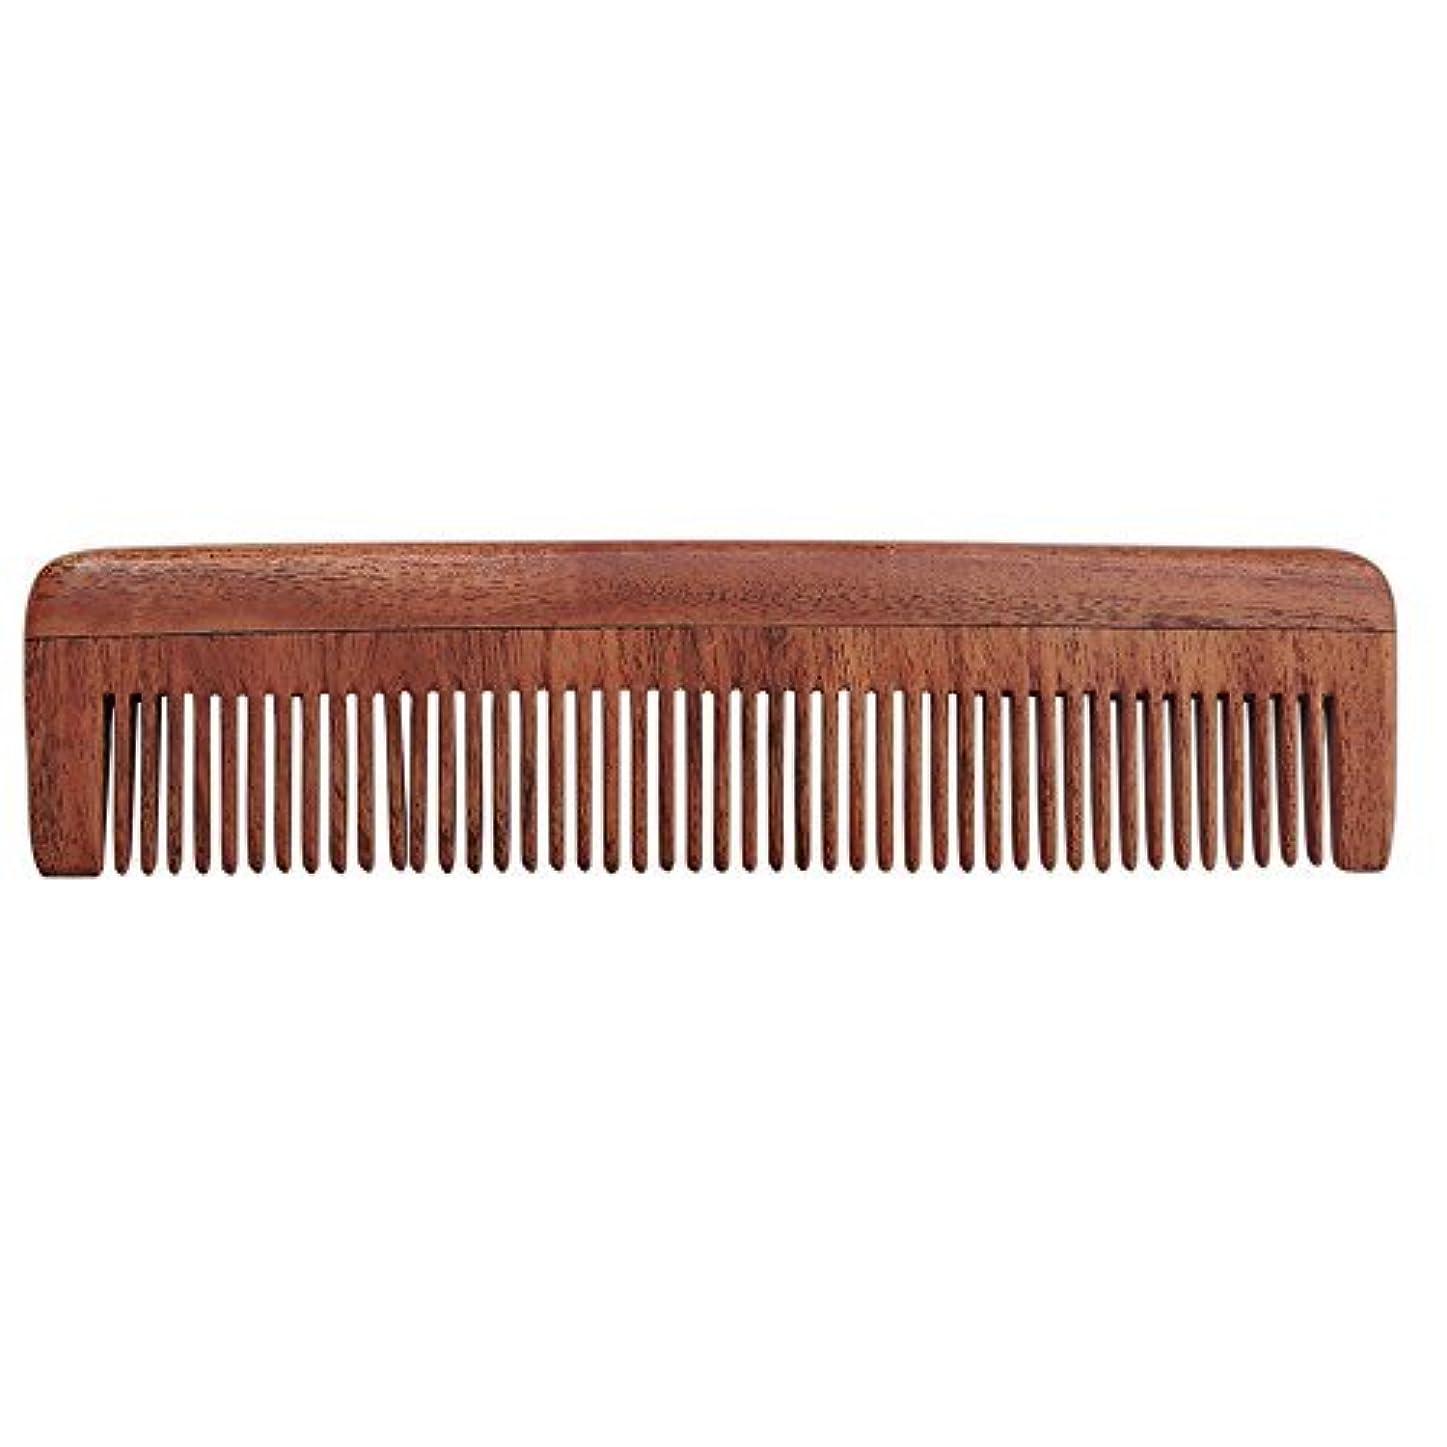 最終象芽HealthGoodsIn - Pure Neem Wood Fine Tooth Comb for Fine Hair | Fine Tooth Neem Comb | Organic and Natural for...